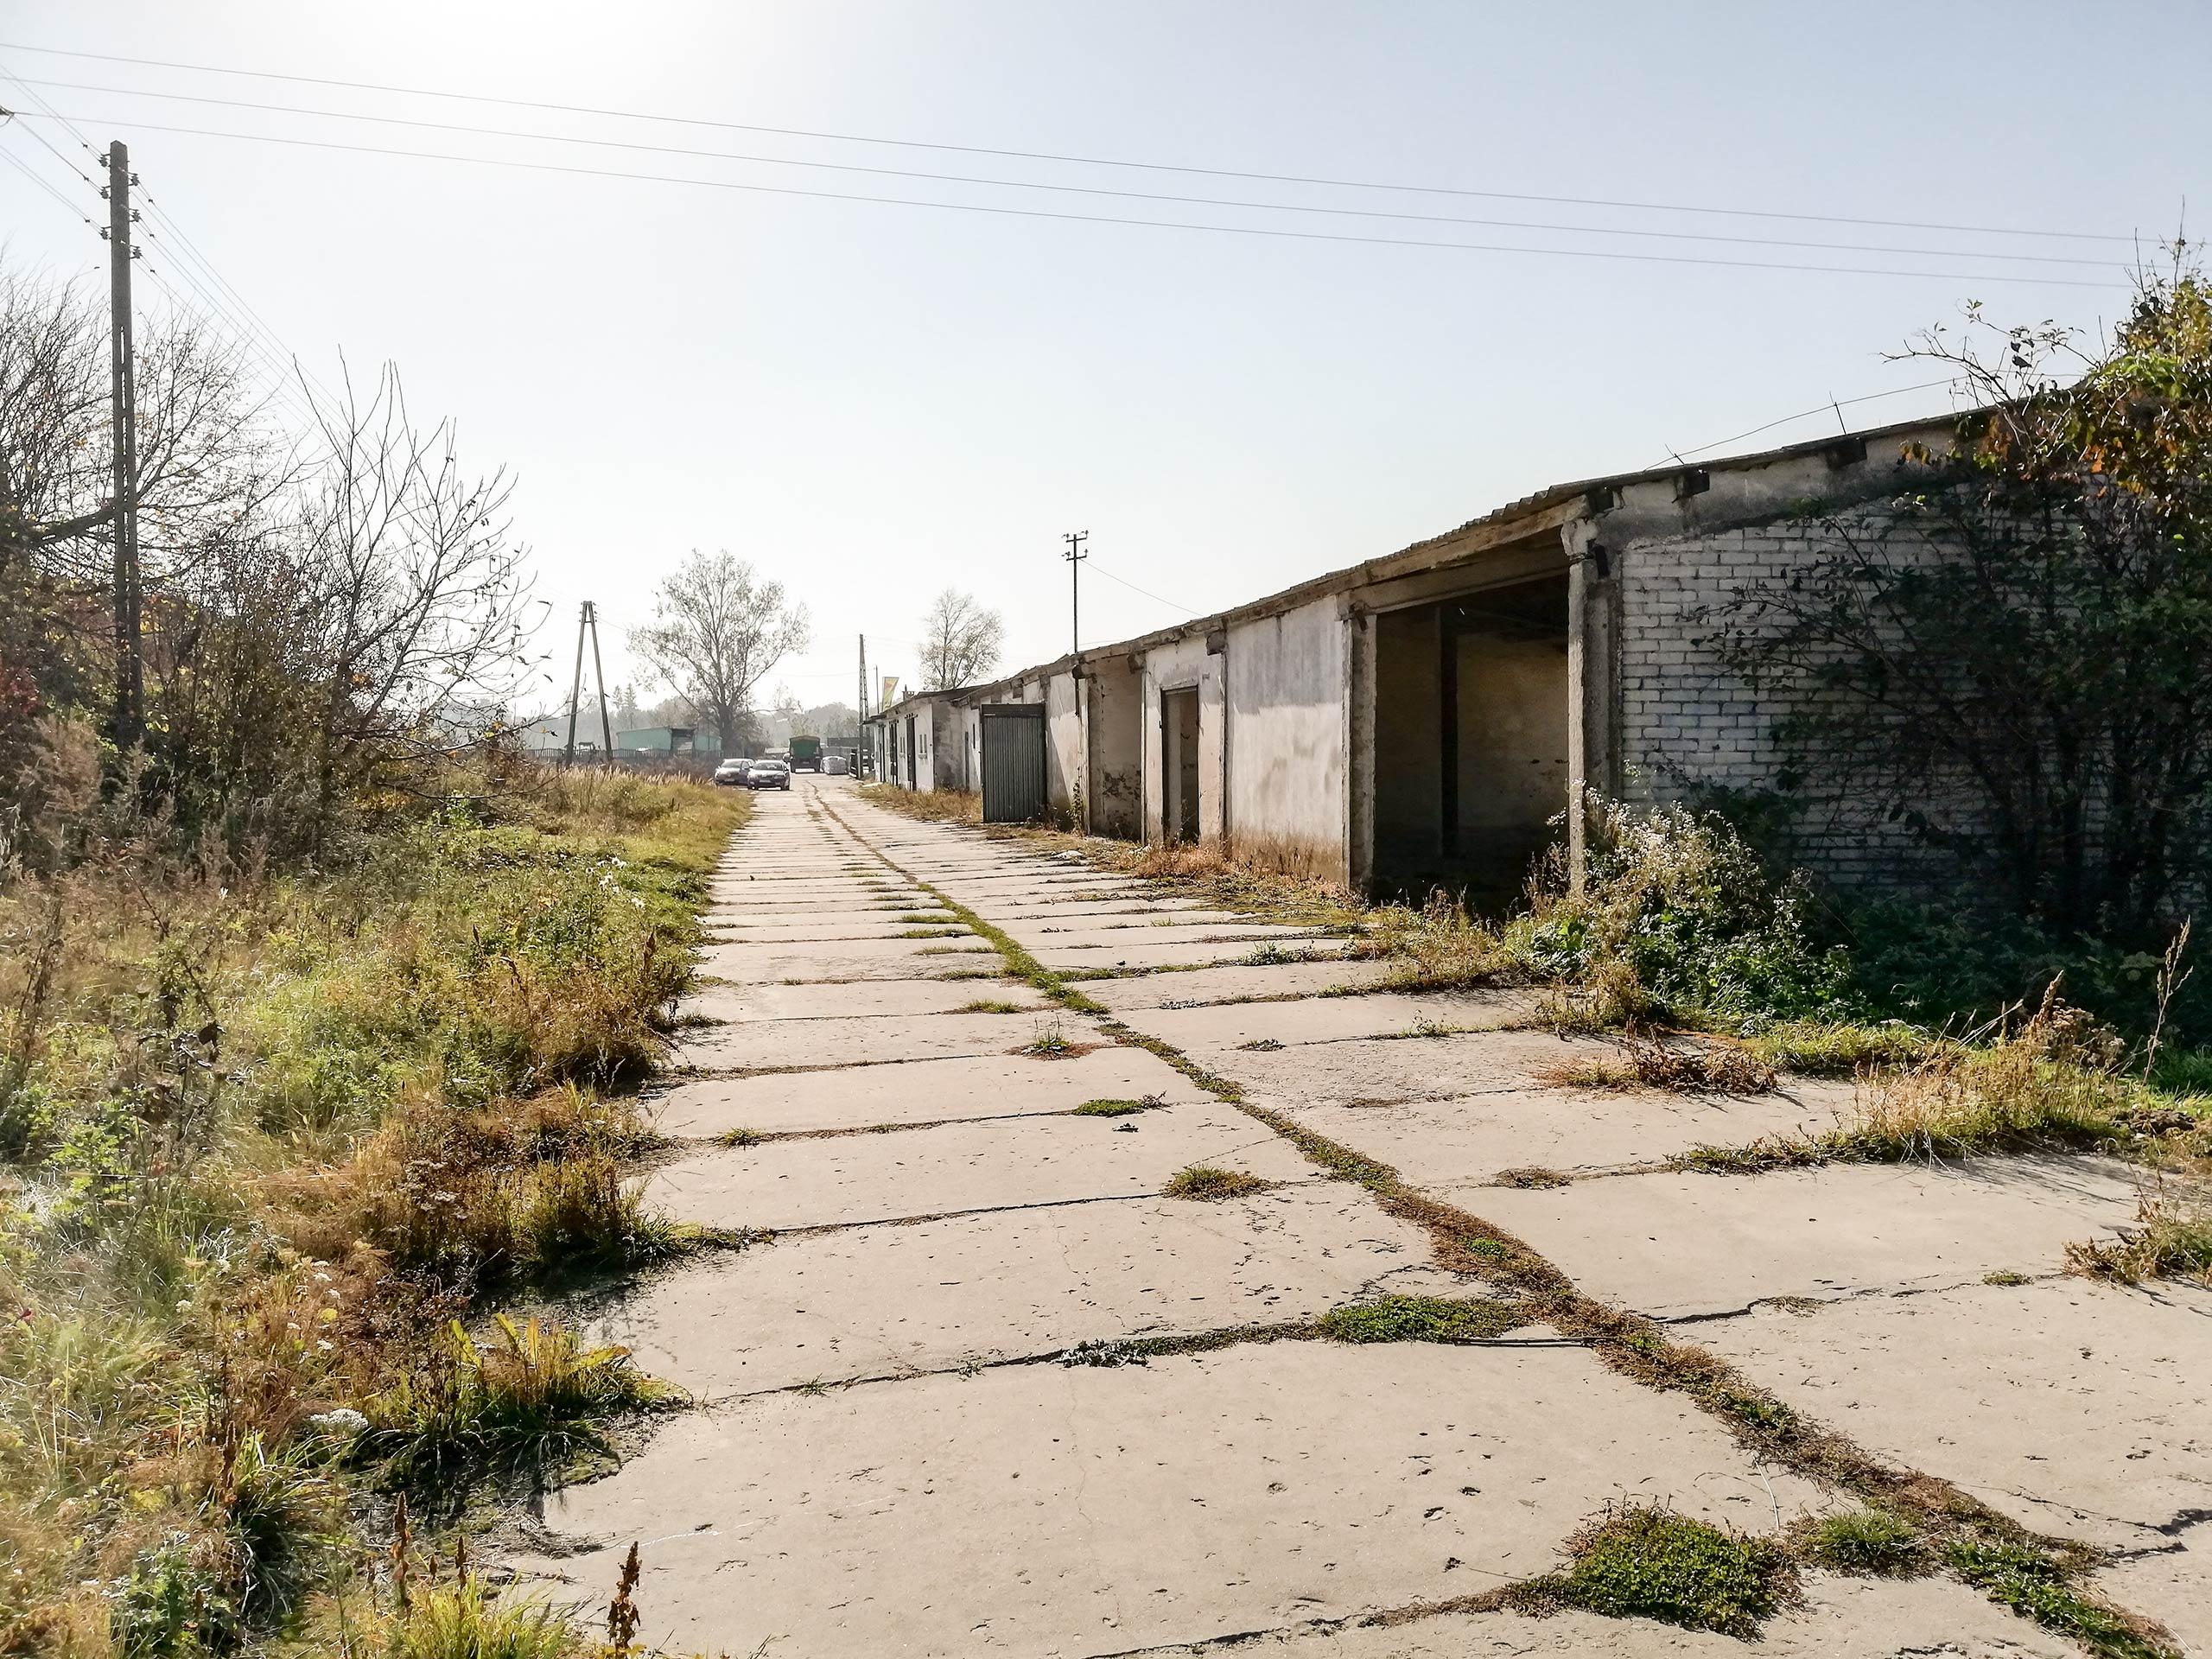 usługowo-handlowy, składowy i wiata, Telatyn - lokal na sprzedaż - Krzysztof Górski Nieruchomości Zamość